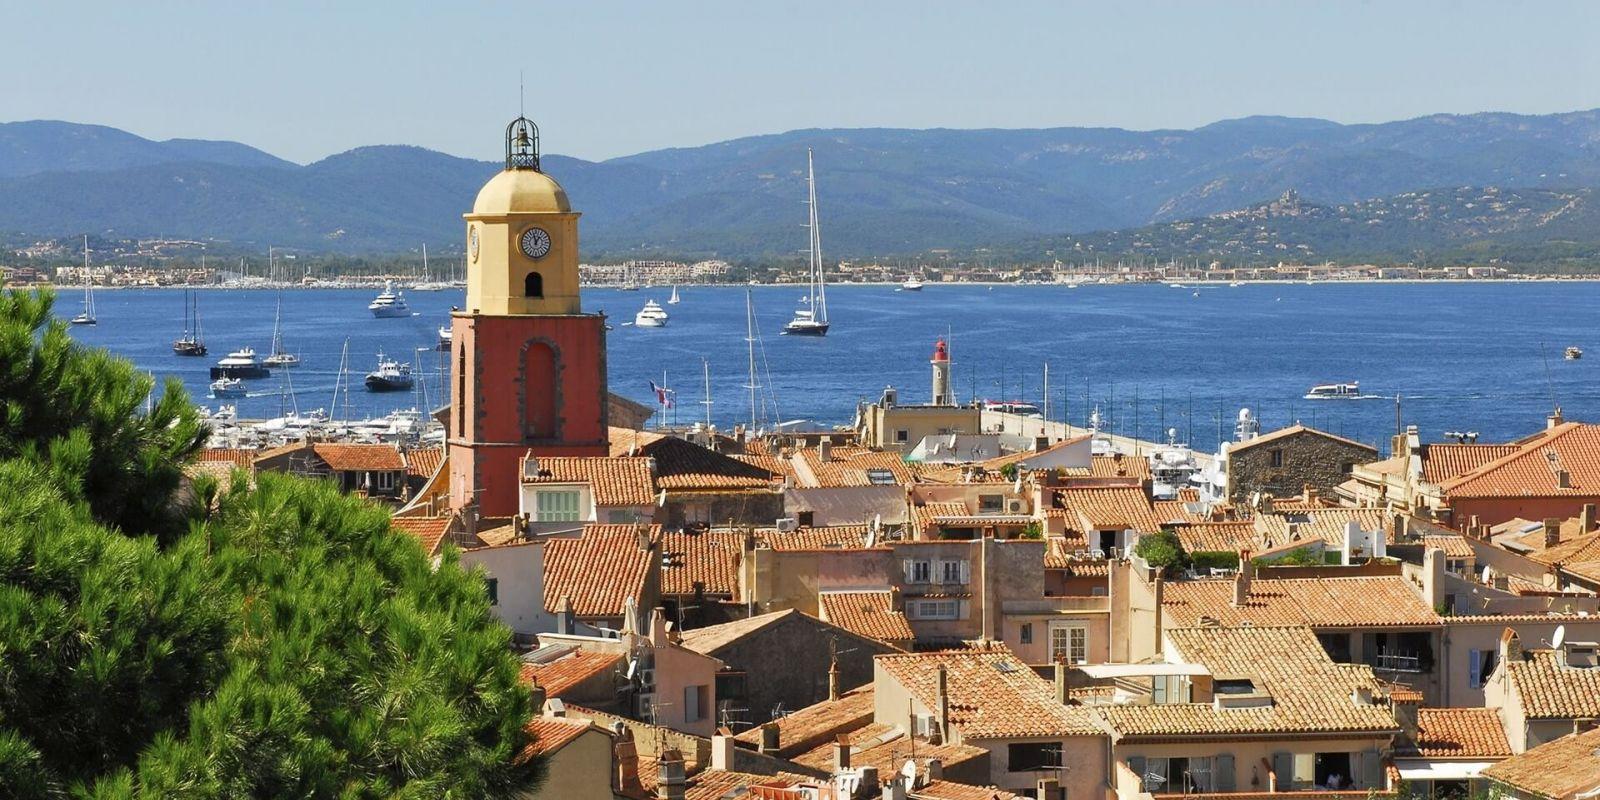 https://www.talamare.fr/medias/Vue du village de Saint-Tropez avec des yachts à l'ancre